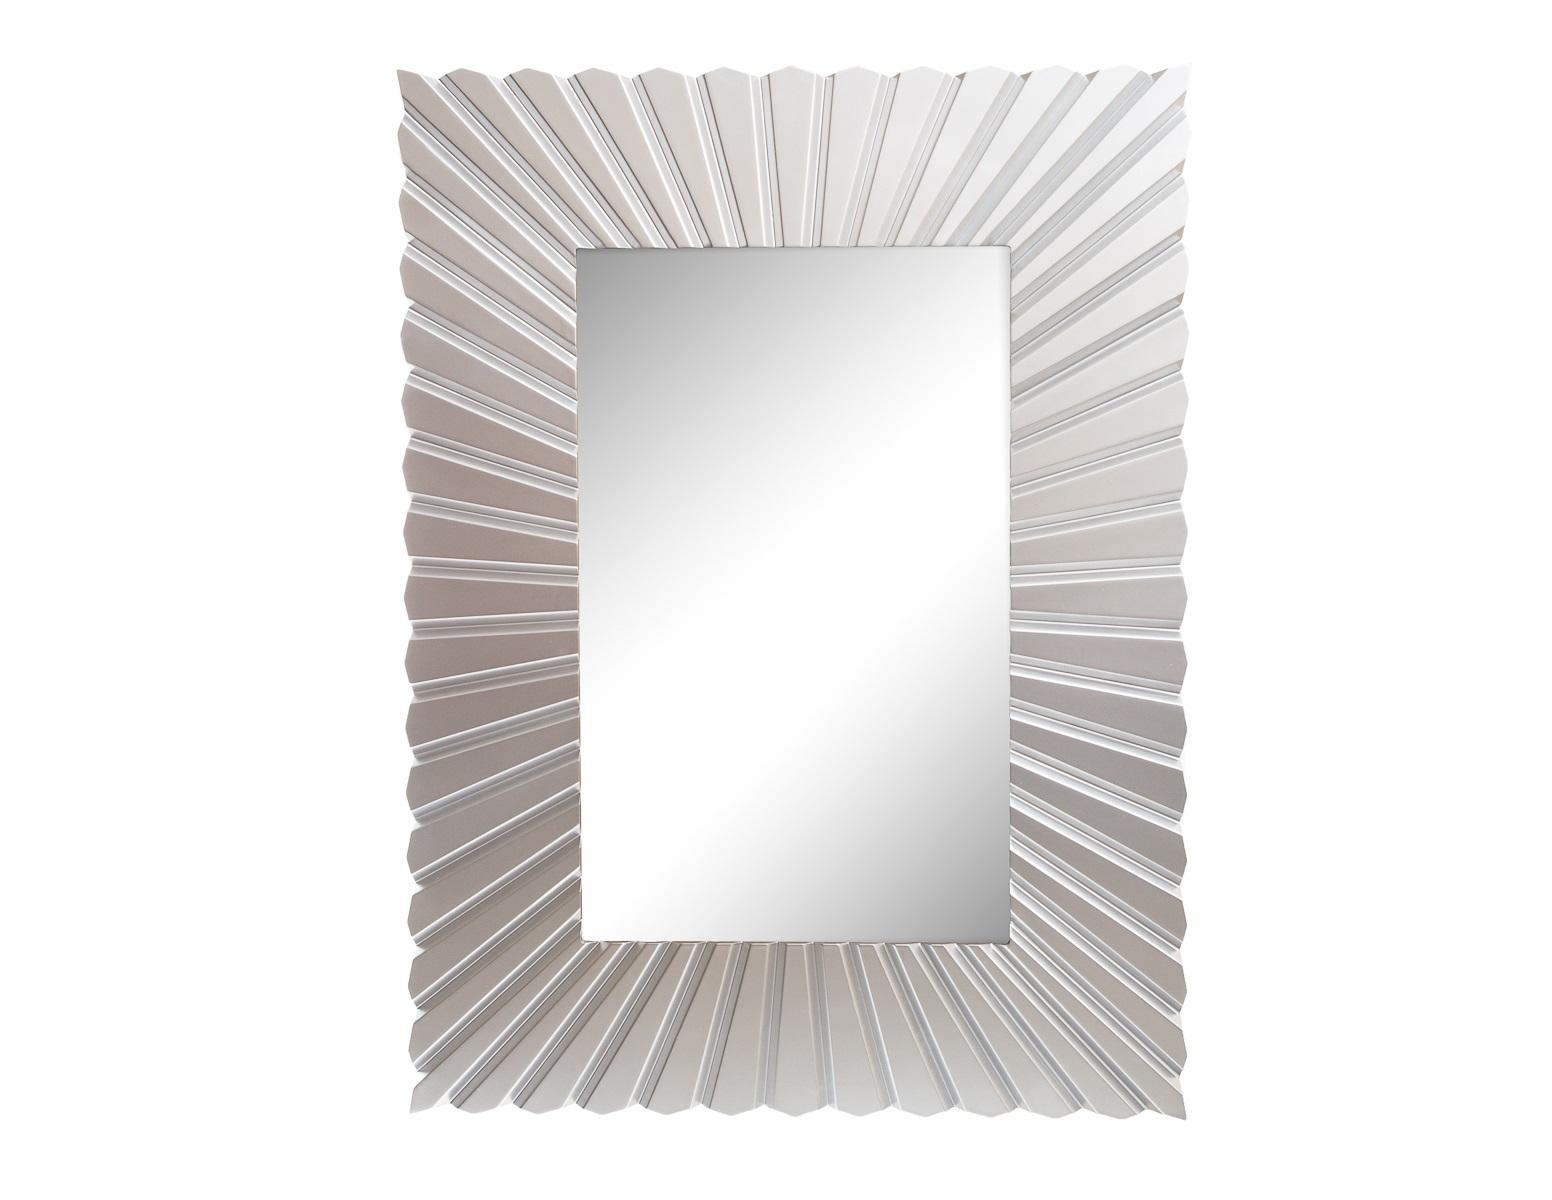 Зеркало Ambicioni 15437923 от thefurnish